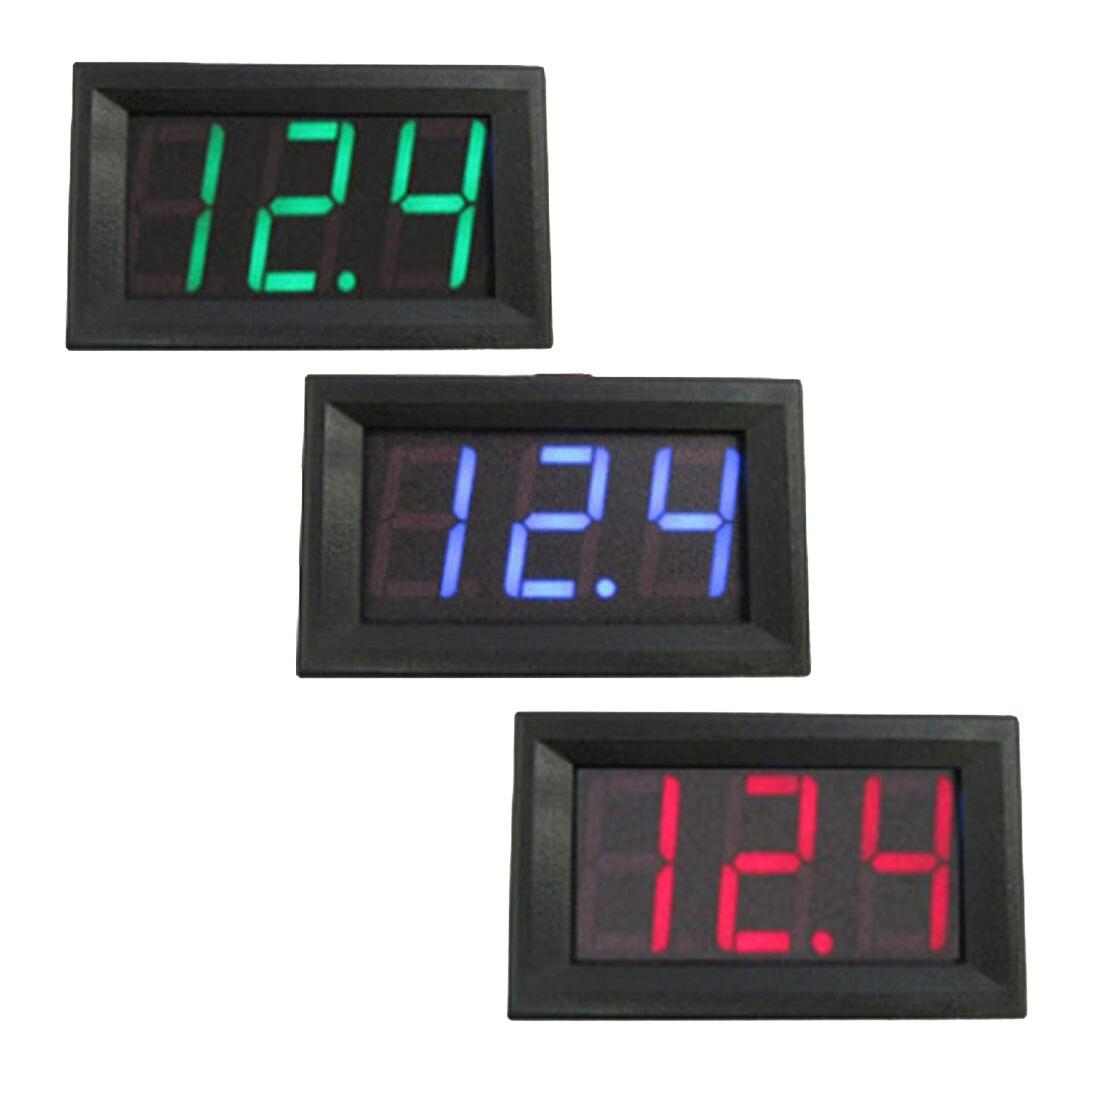 LED Digital Voltmeter 0.56 inch DC 4.50V-30.0V Home Use Voltage Display 2 Wires Voltage Detector Monitor Red Black Blue sj acv056fb 0 56 3 digital led blue light display 2 line ac voltmeter black 12 380v